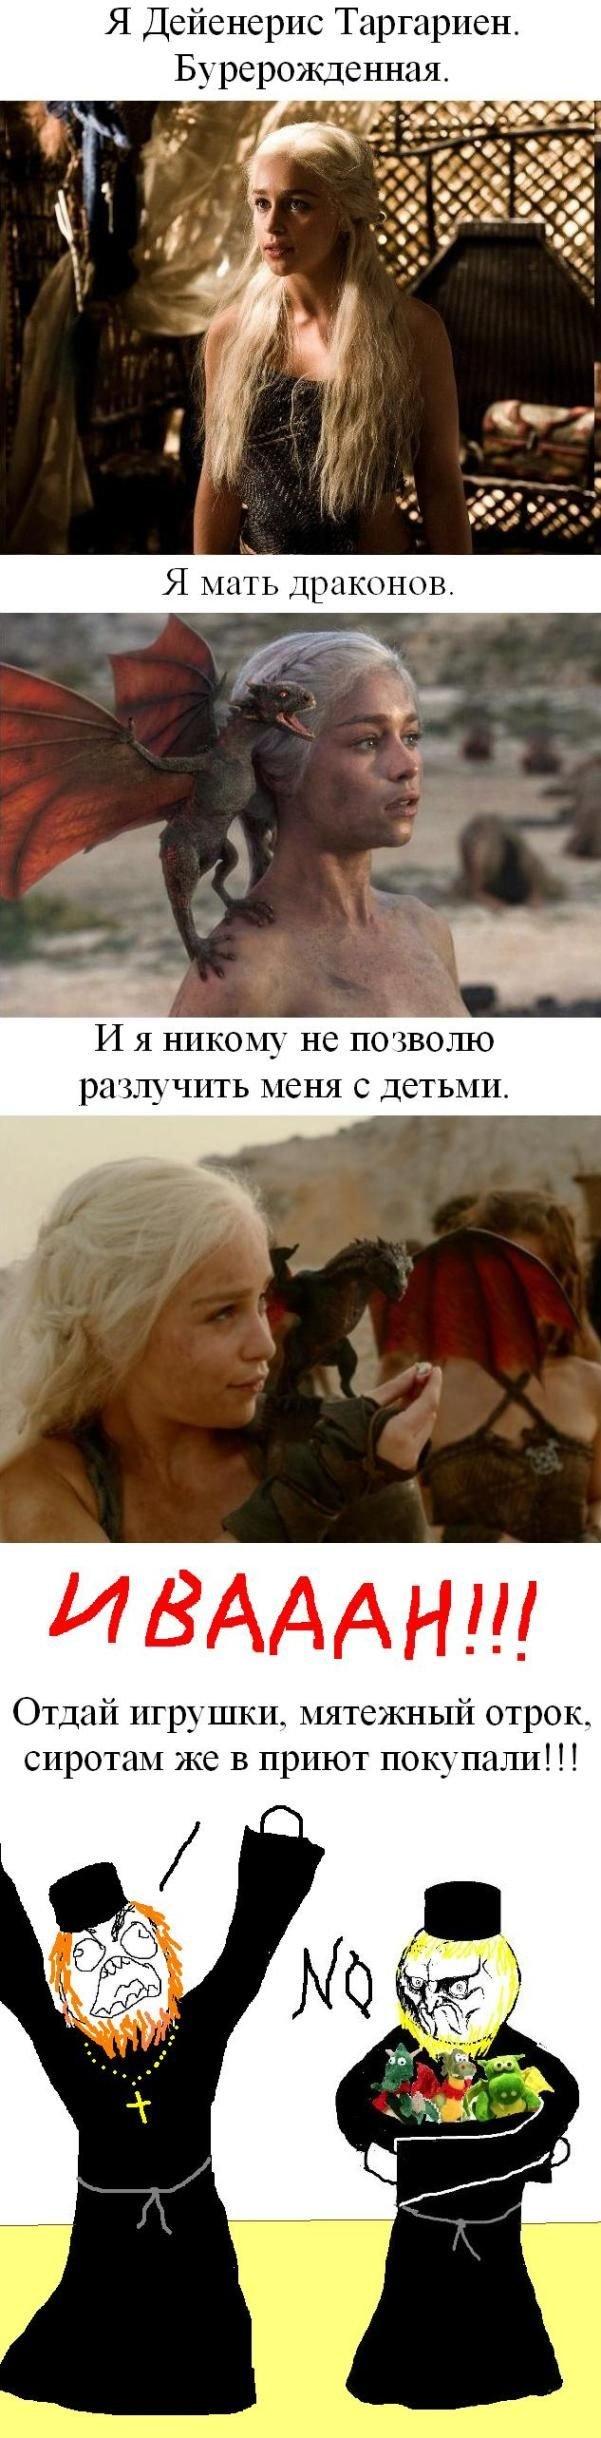 Факты и проиколы о сериале Игра Престолов (29 фото)